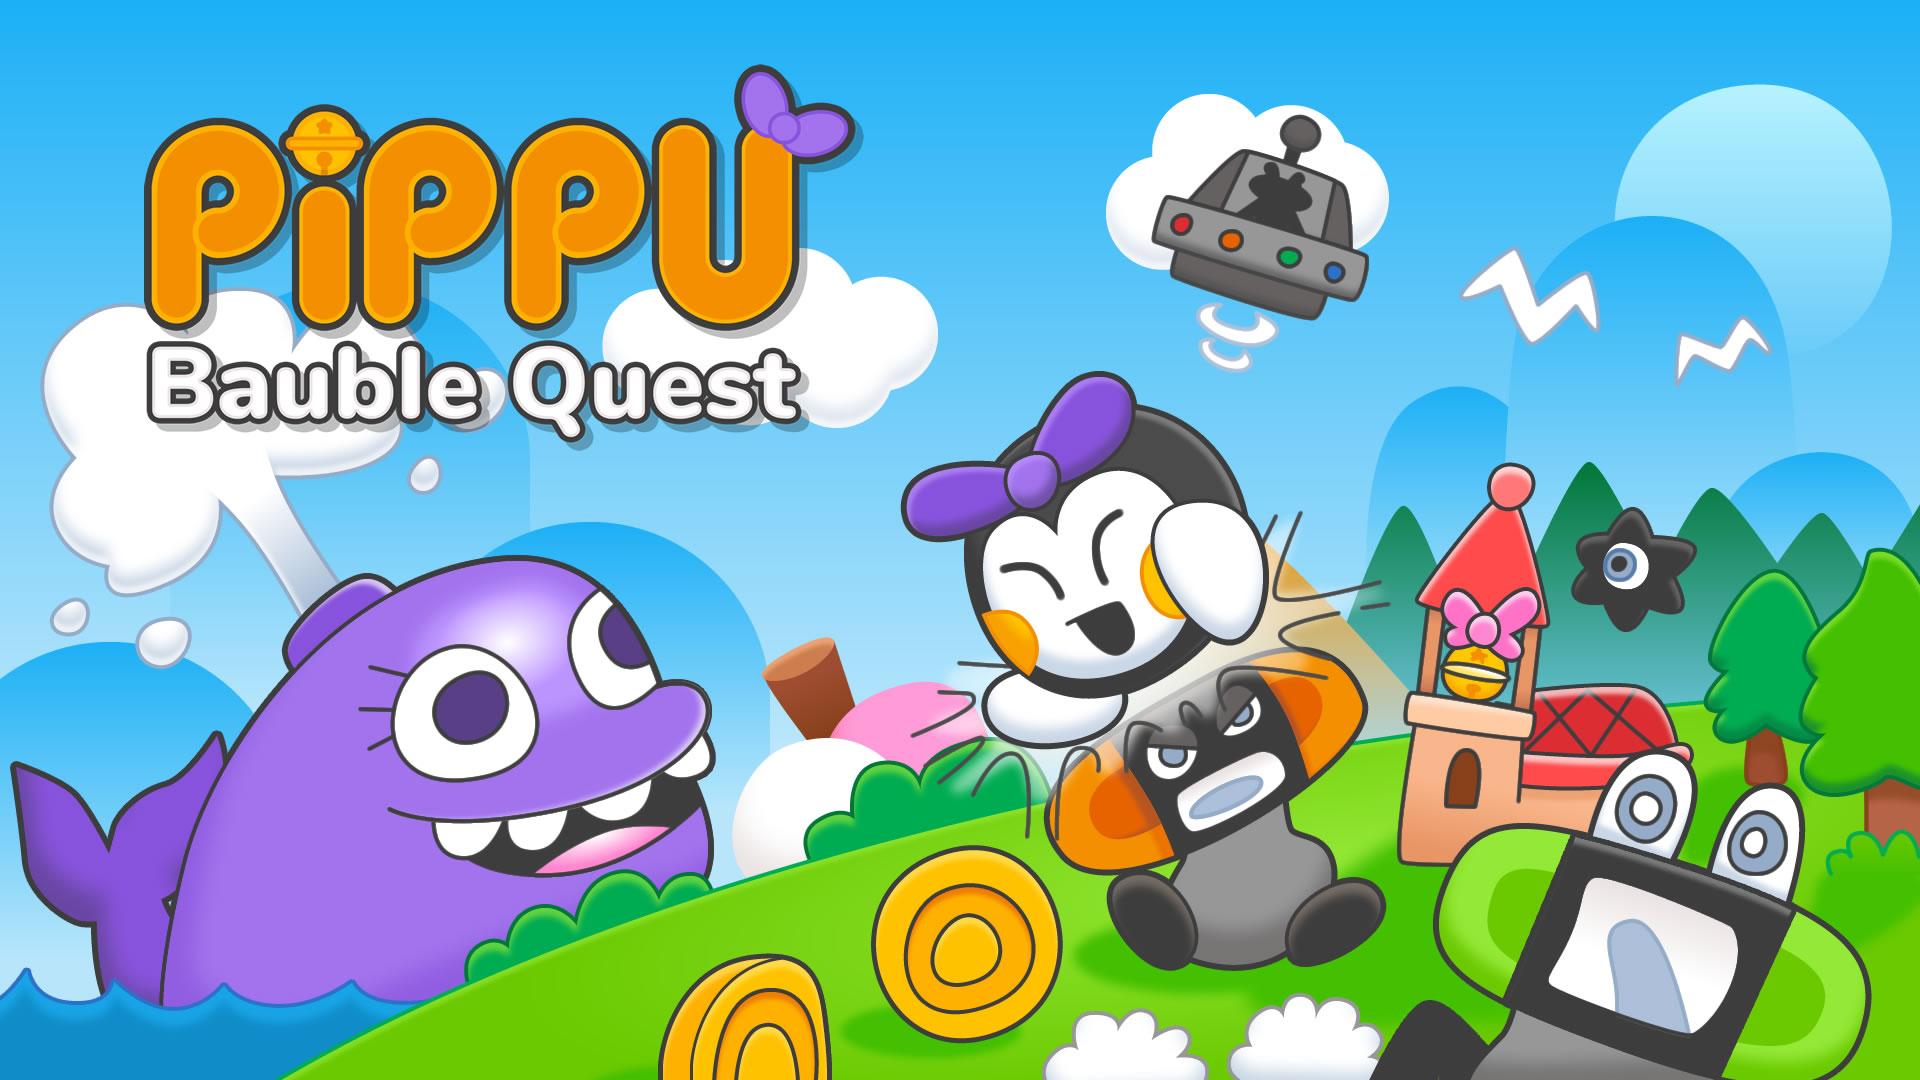 Pippu - Bauble Quest